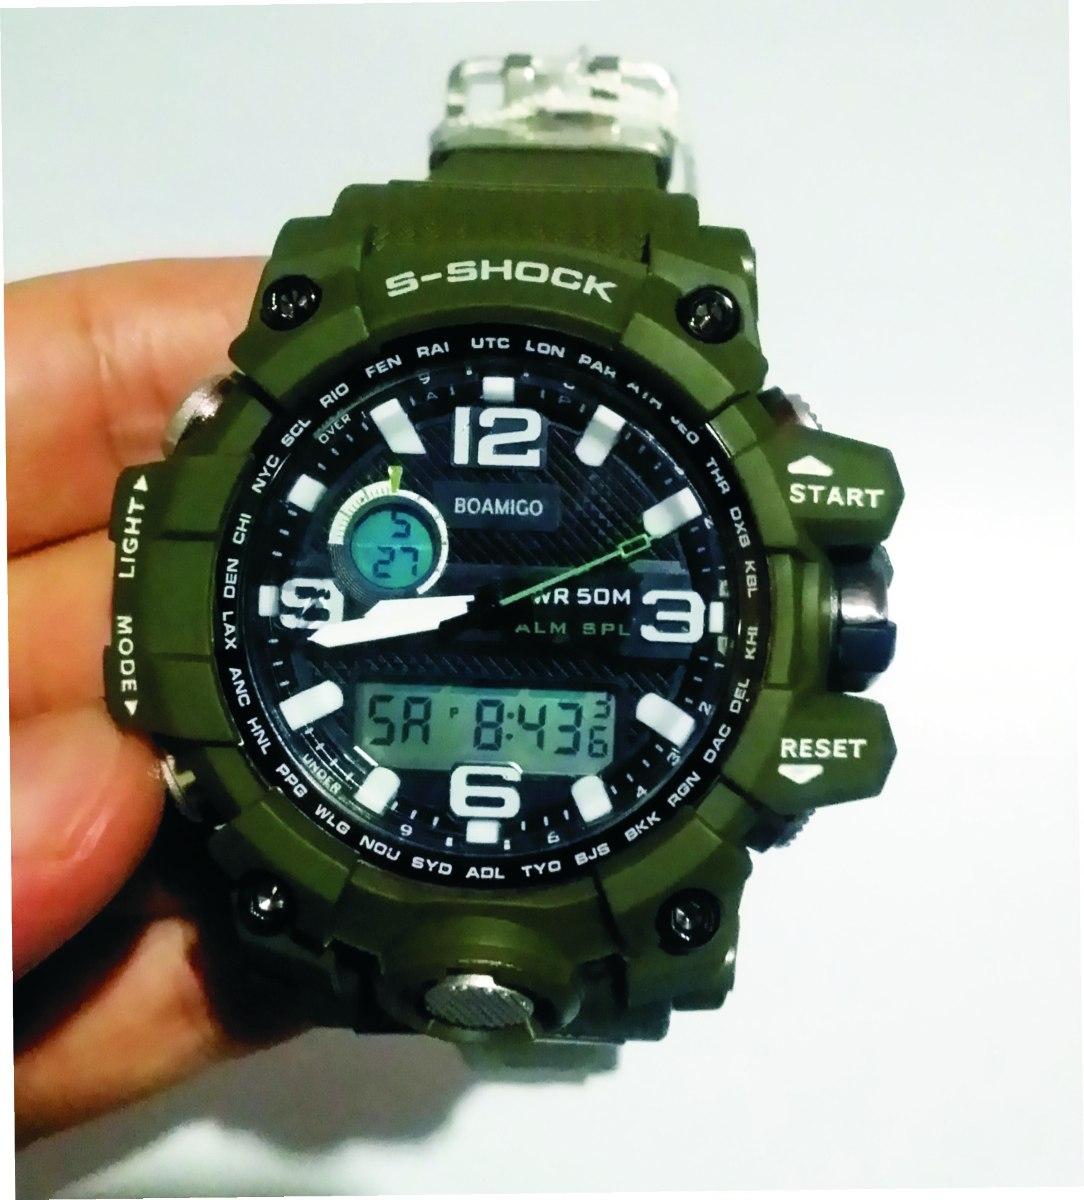 60a7363f3cc relógio militar boamigo s-shock digital prova d água. Carregando zoom.